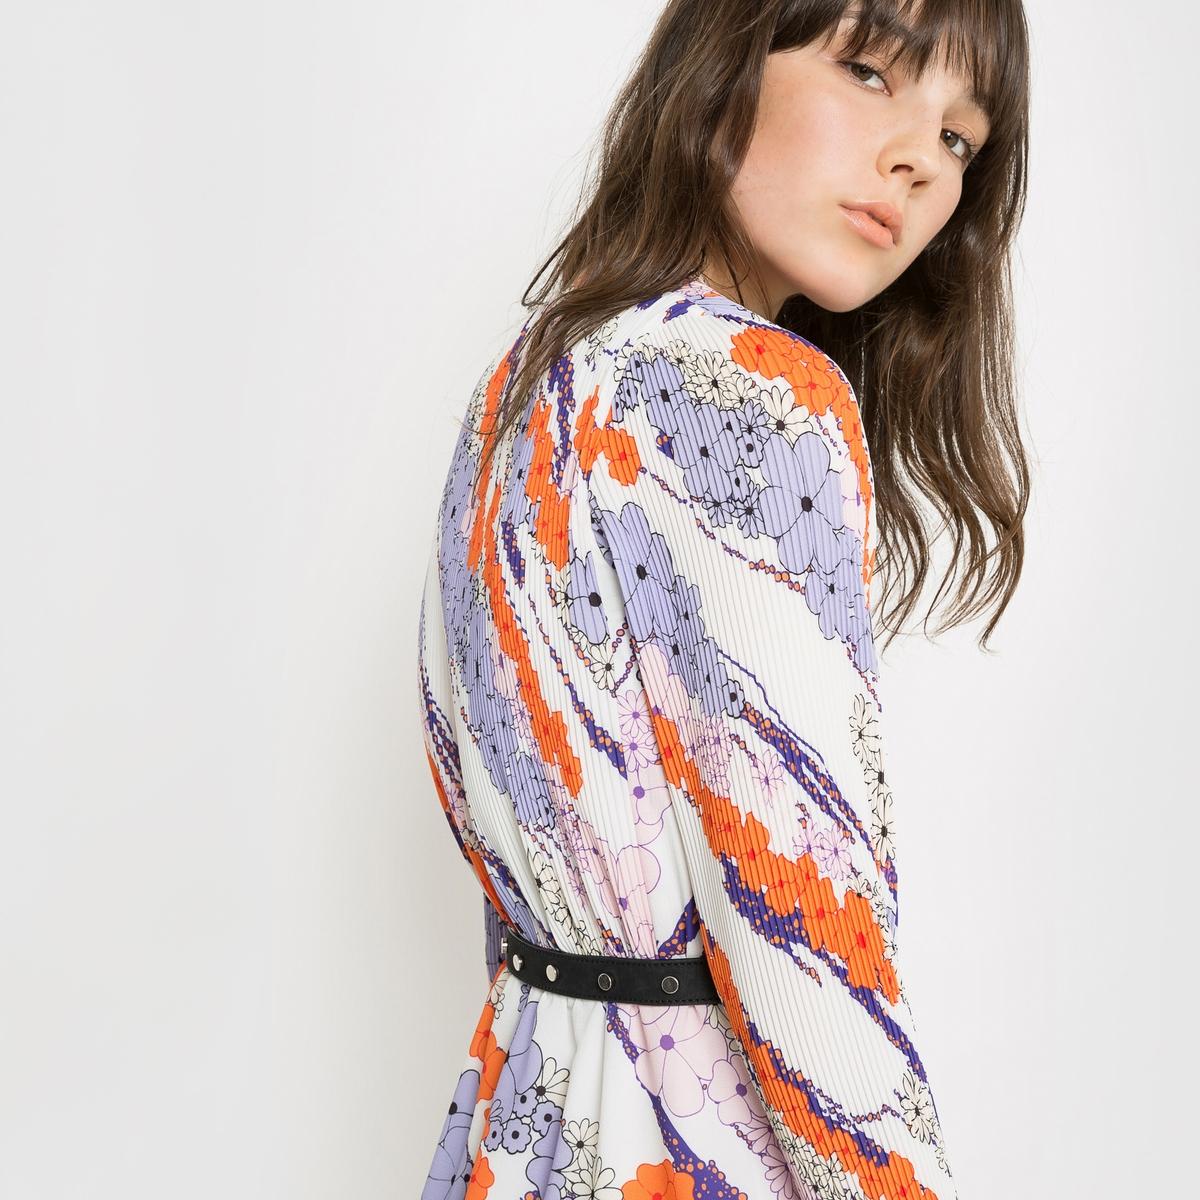 Платье плиссированное с рисункомПлиссированное платье с рисунком. 97% полиэстера, 3% эластана. На подкладке из 100% полиэстера. Эластичный пояс. Длина 87 см.Дом моды Carven предложил каталогу la Redoute коллекцию весна-лето, зовущую в путешествия. Взяв за образец стиль униформы стюардессы, придуманный г-жой Карвен в 60х  годах, дизайнеры Алексис Марсьяль и Андриен Кайядо вдохнули лёгкость в эту яркую коллекцию.. Использованные плиссированные материалы отражают все навыки и технику двух Домов моды.<br><br>Цвет: цветочный рисунок<br>Размер: 44 (FR) - 50 (RUS).42 (FR) - 48 (RUS)